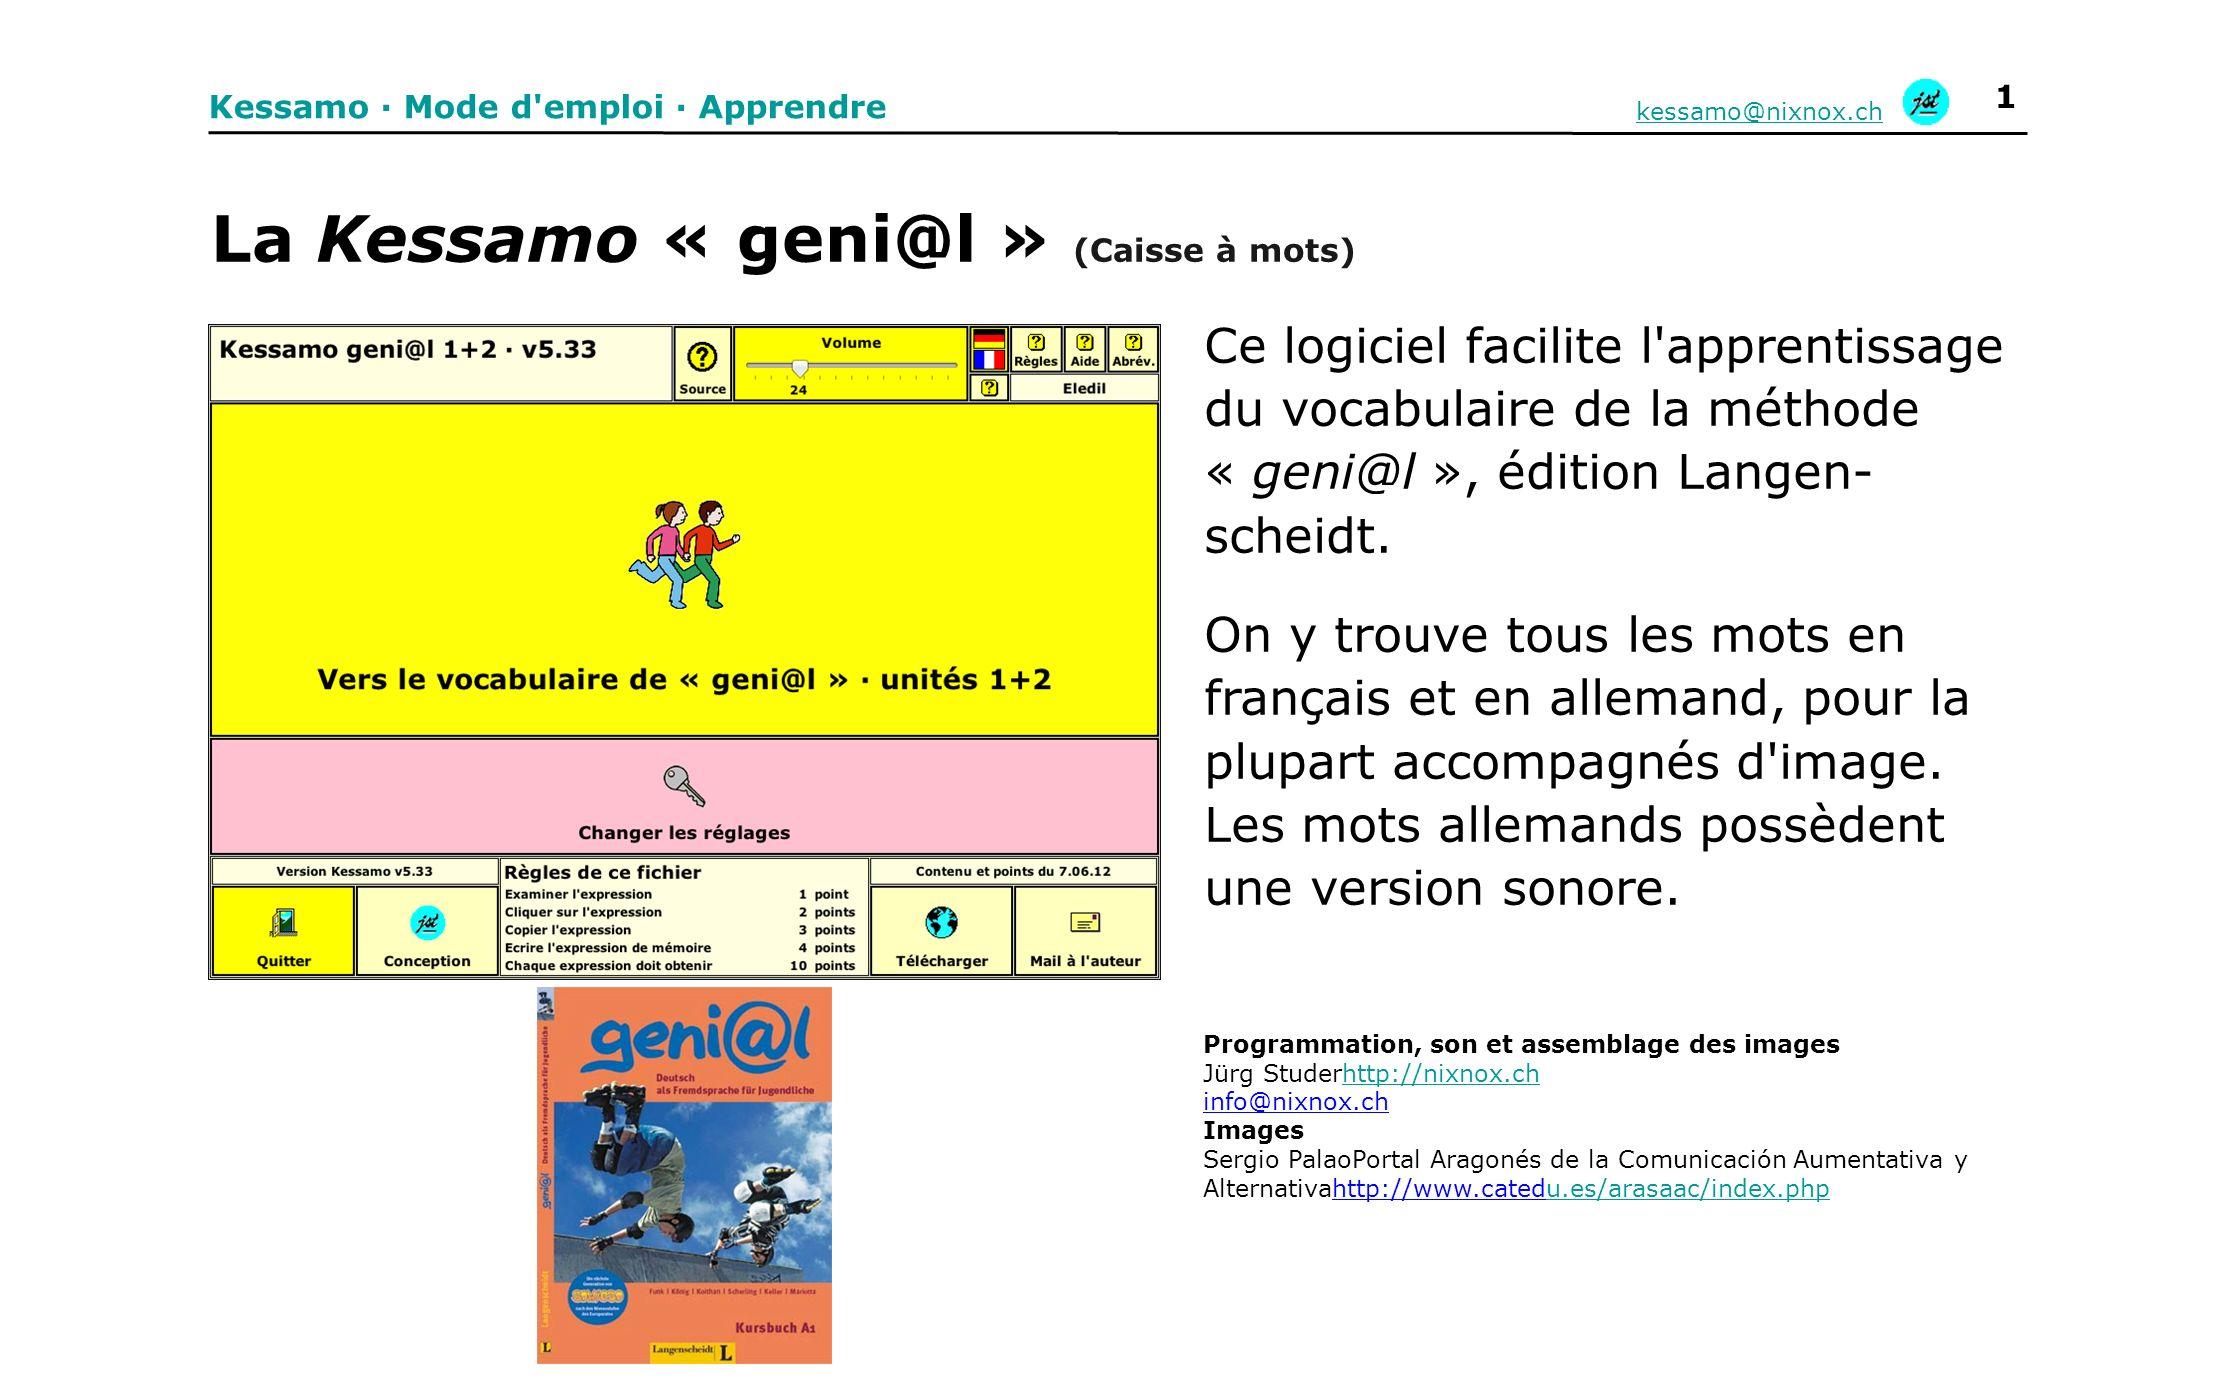 Kessamo · Mode d'emploi · Apprendre kessamo@nixnox.ch 1 La Kessamo « geni@l » (Caisse à mots) Ce logiciel facilite l'apprentissage du vocabulaire de l